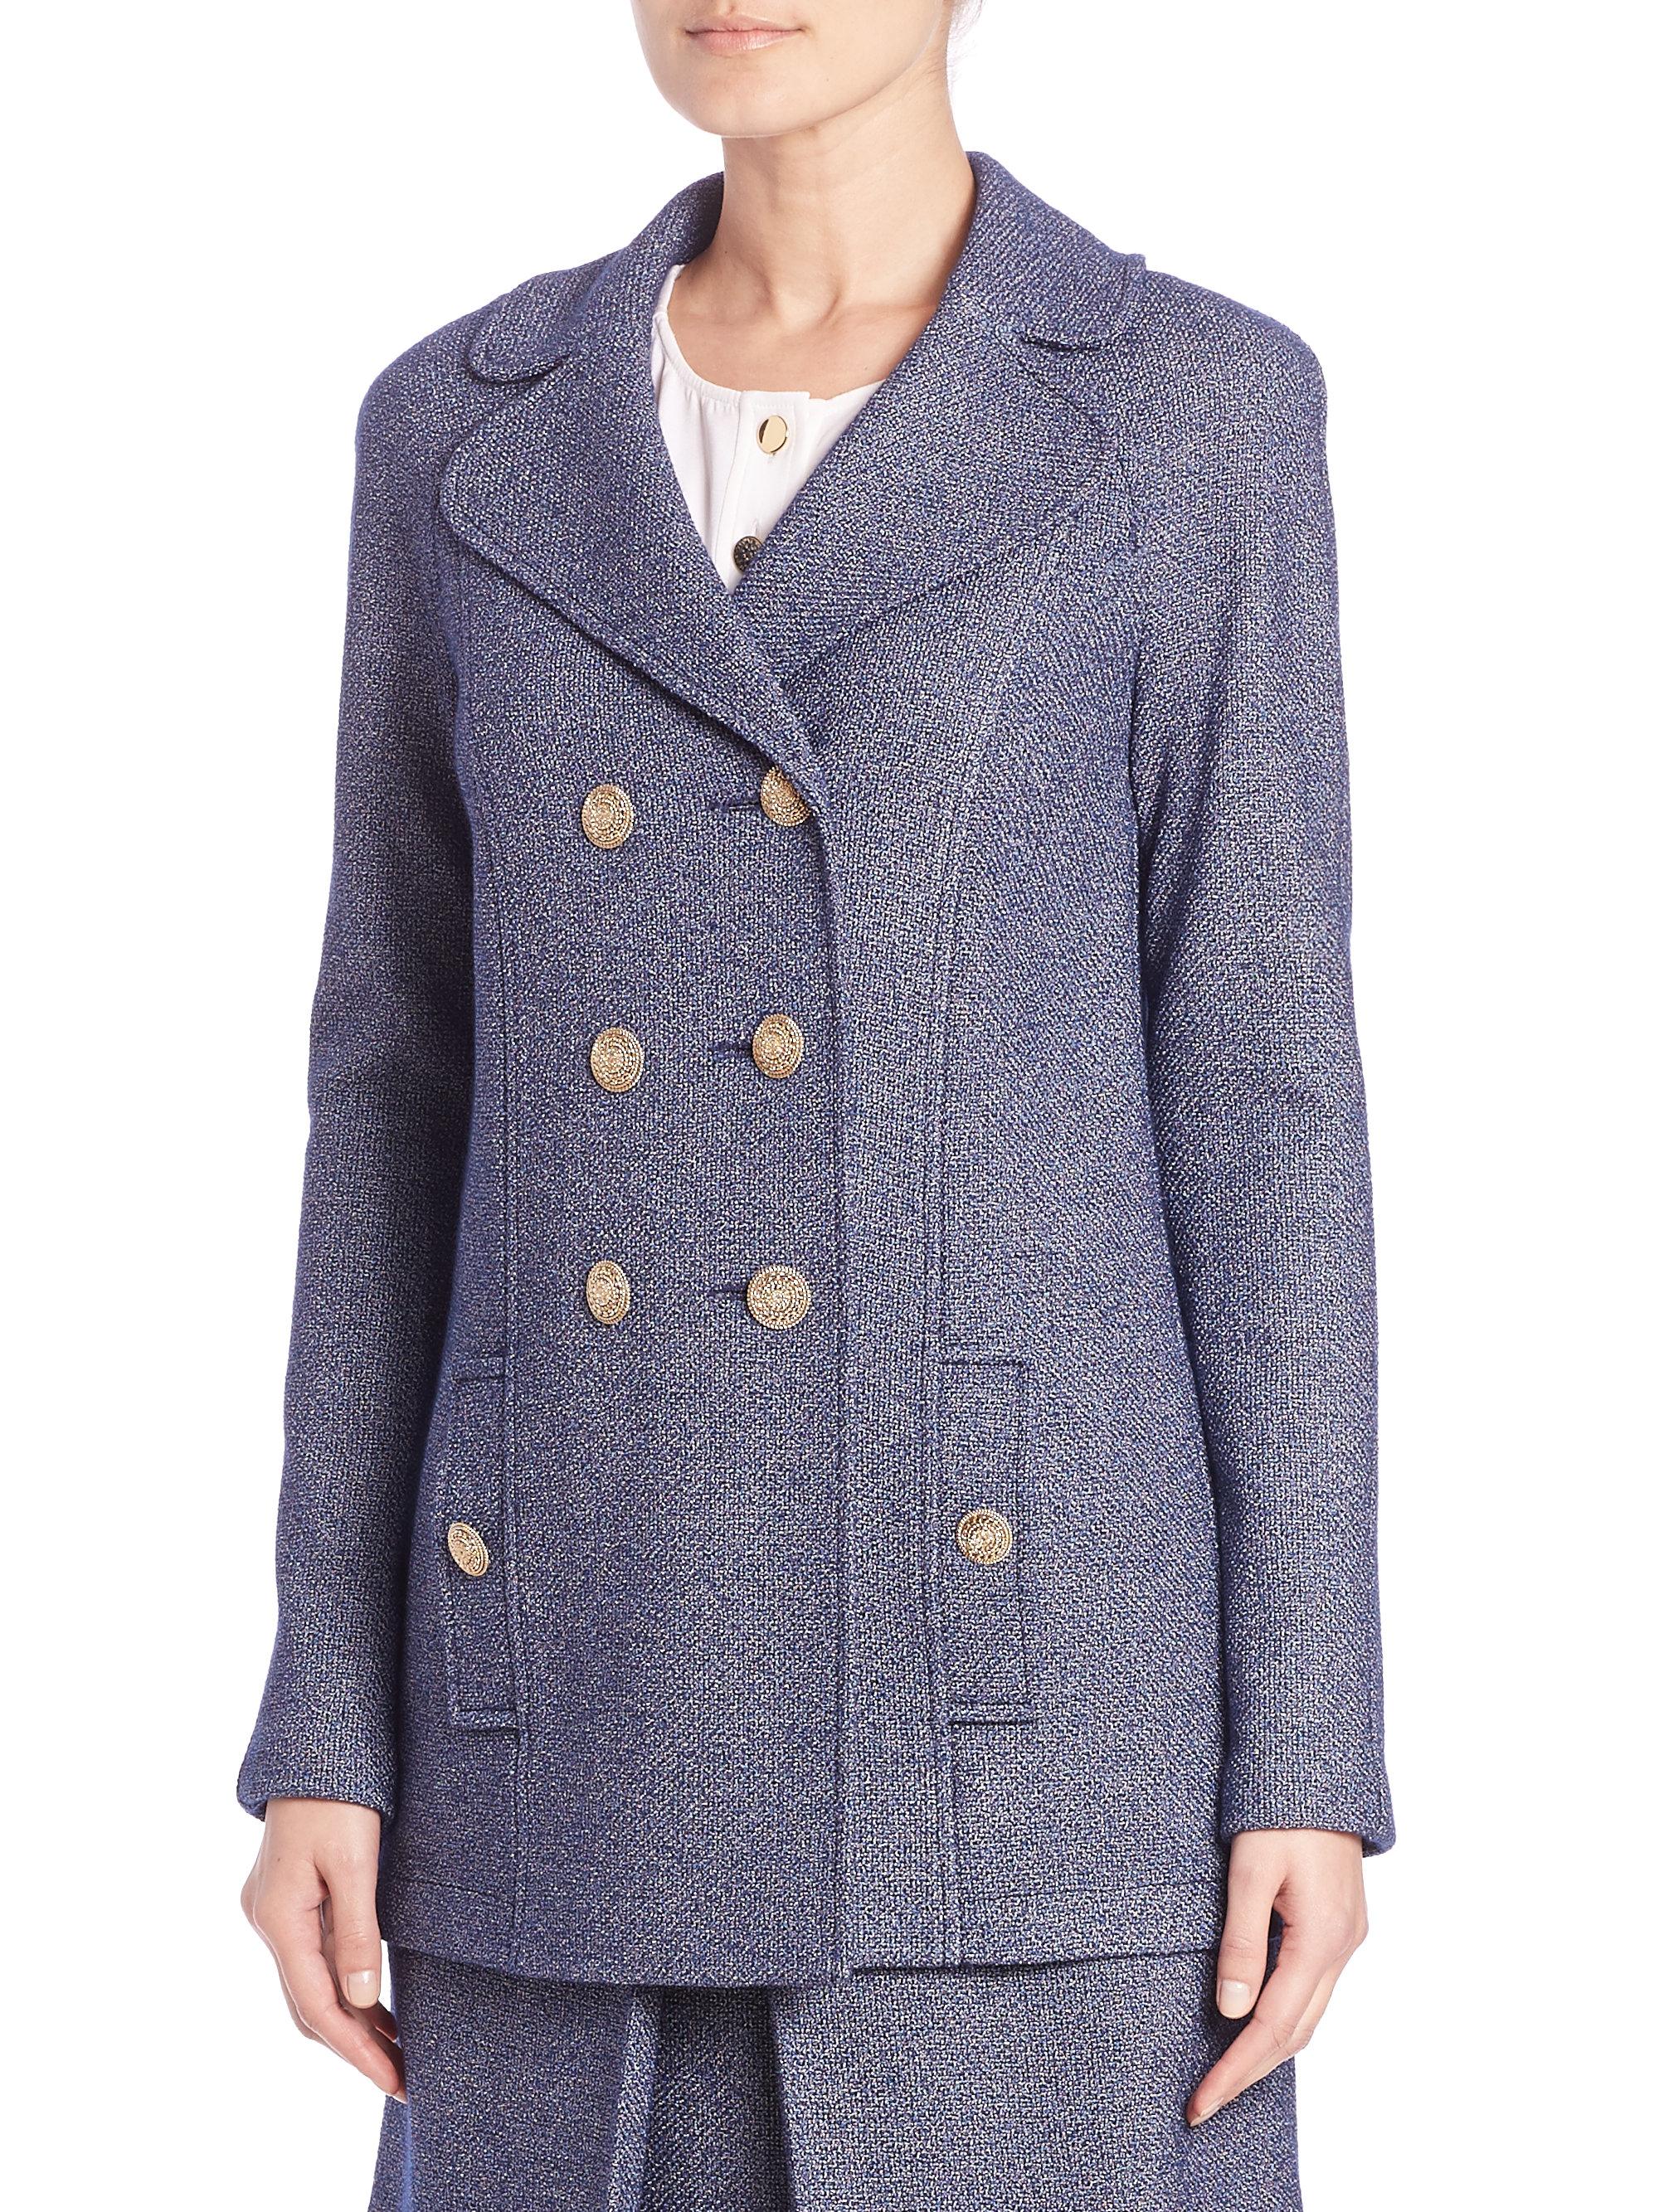 St. john Denim Boucle Knit Jacket in Blue Lyst